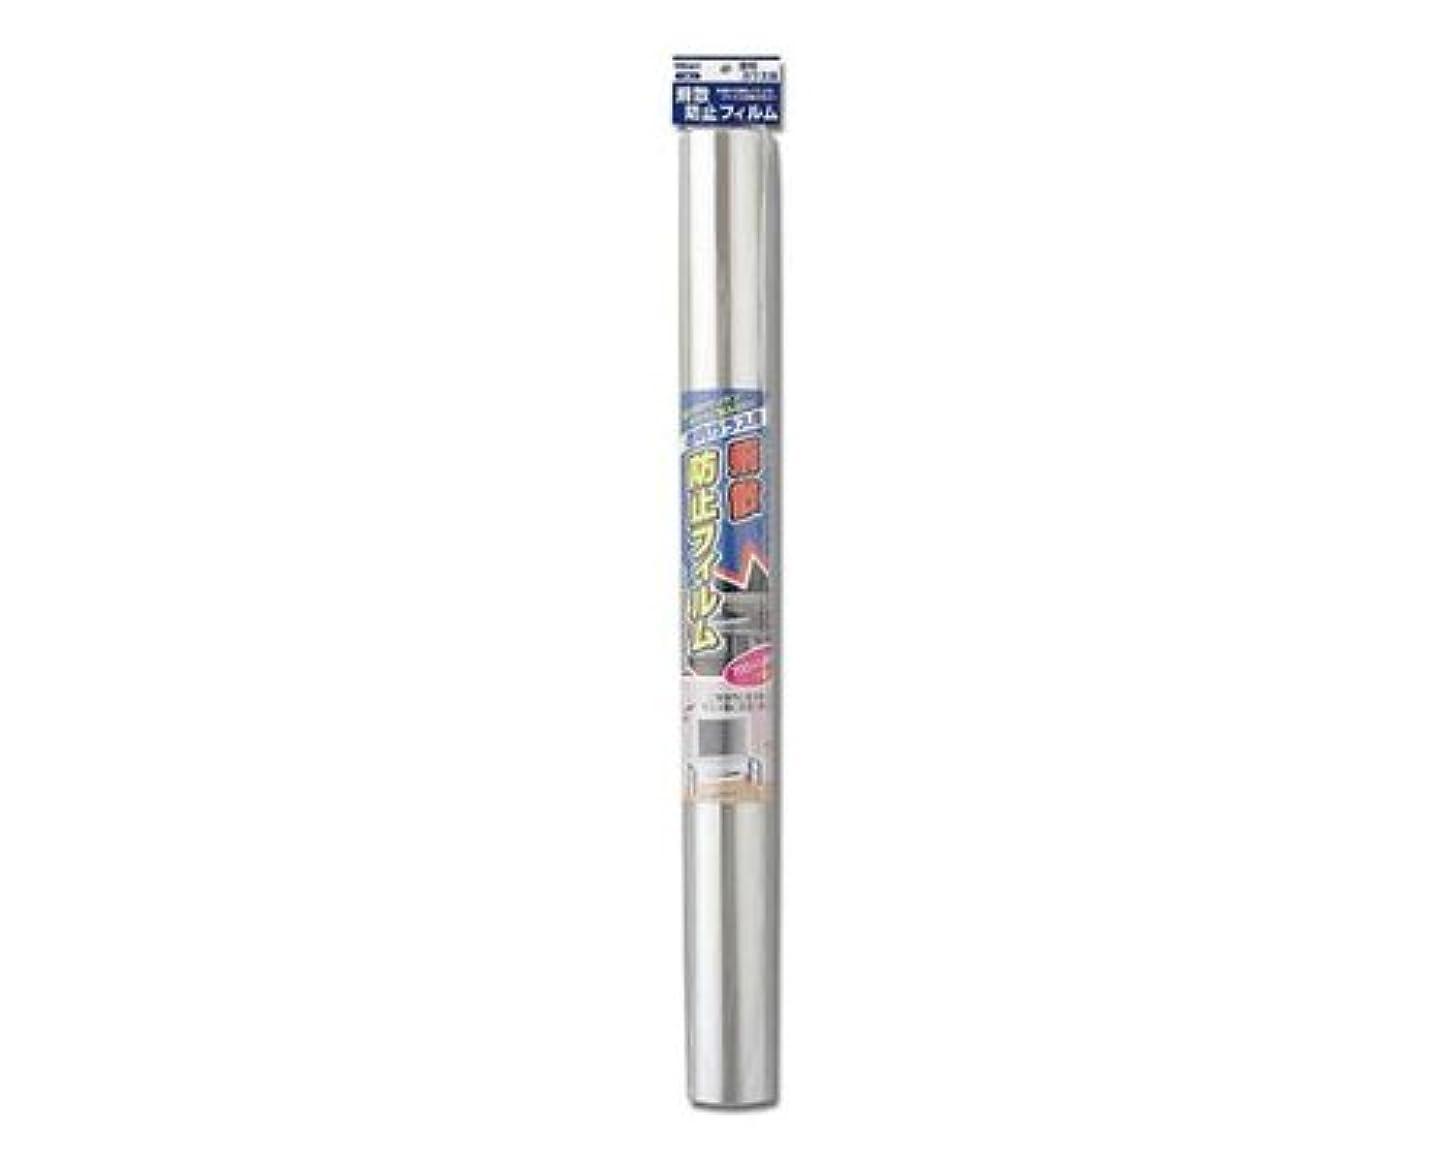 おっと製造業熱帯の光 透明ガラス用 飛散防止フィルム 700×1400㎜ 00874672-1 HBF7014